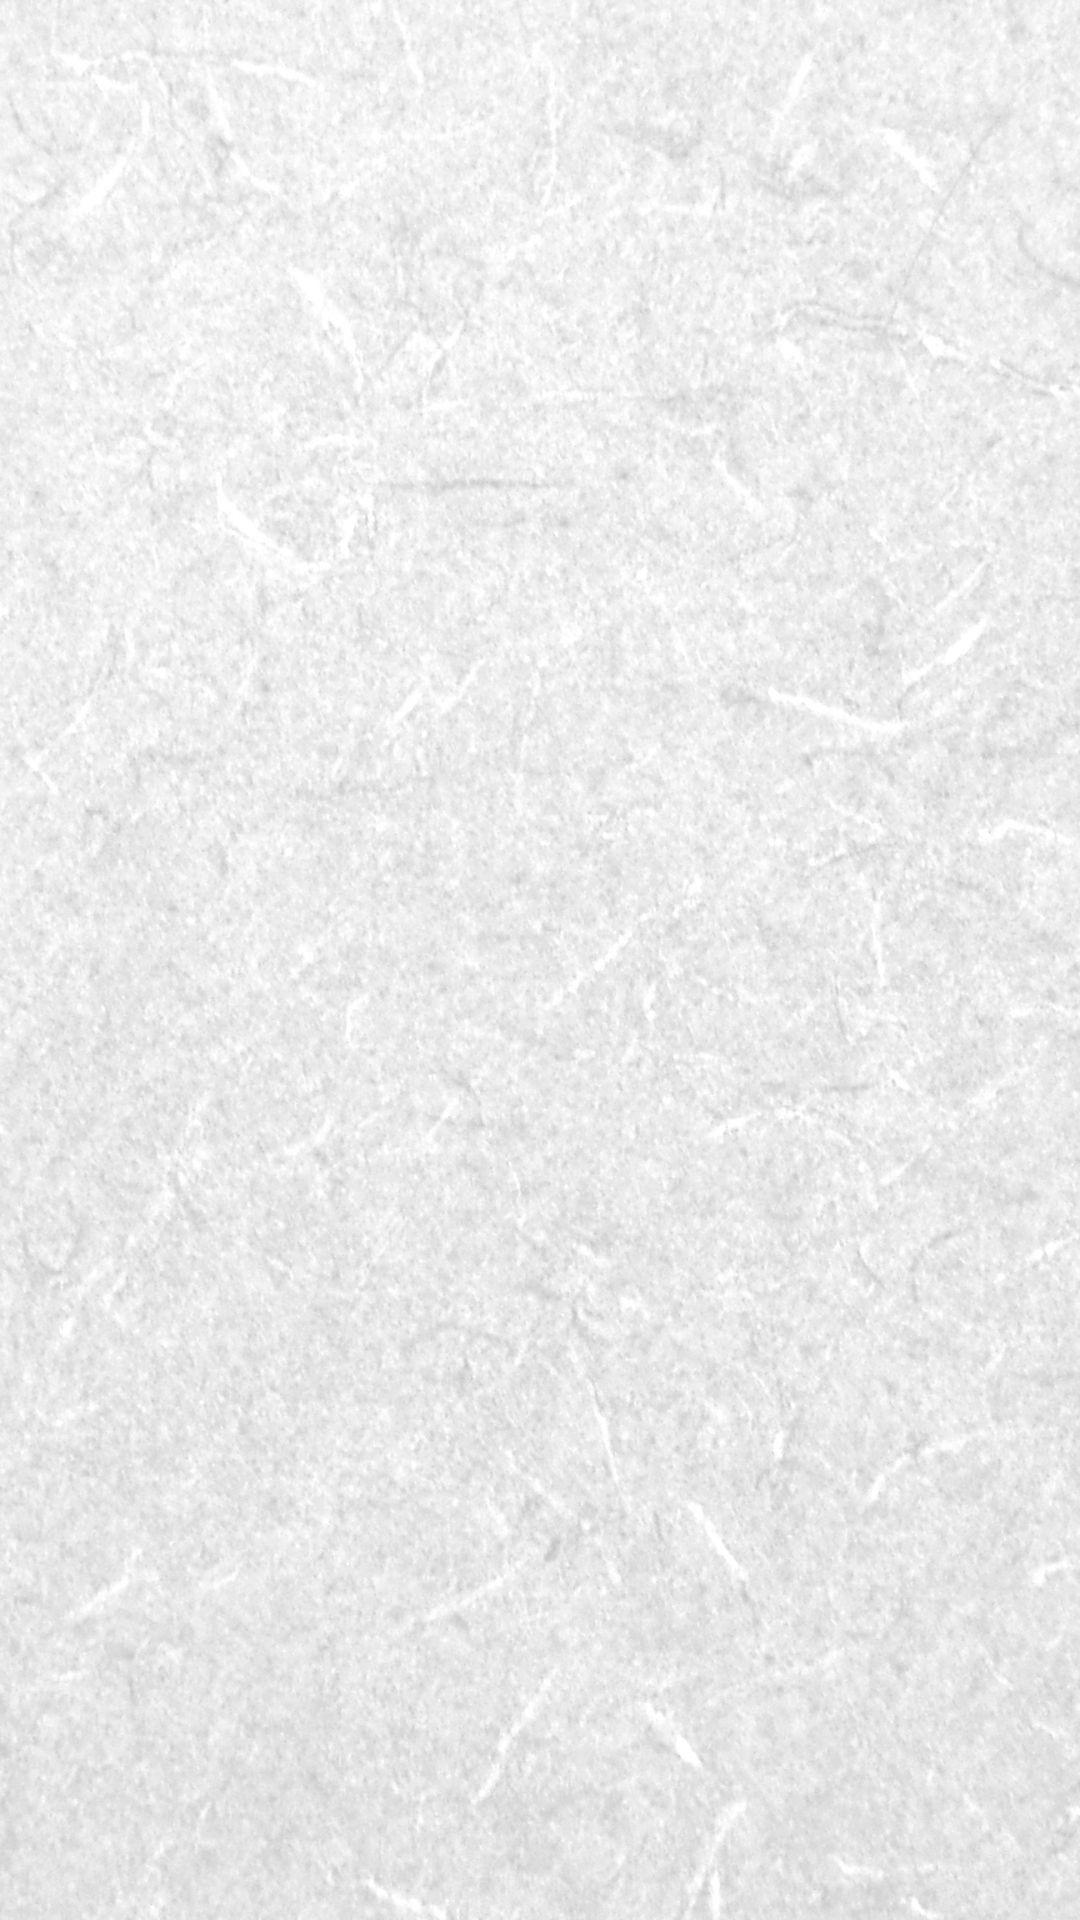 White color wallpaper